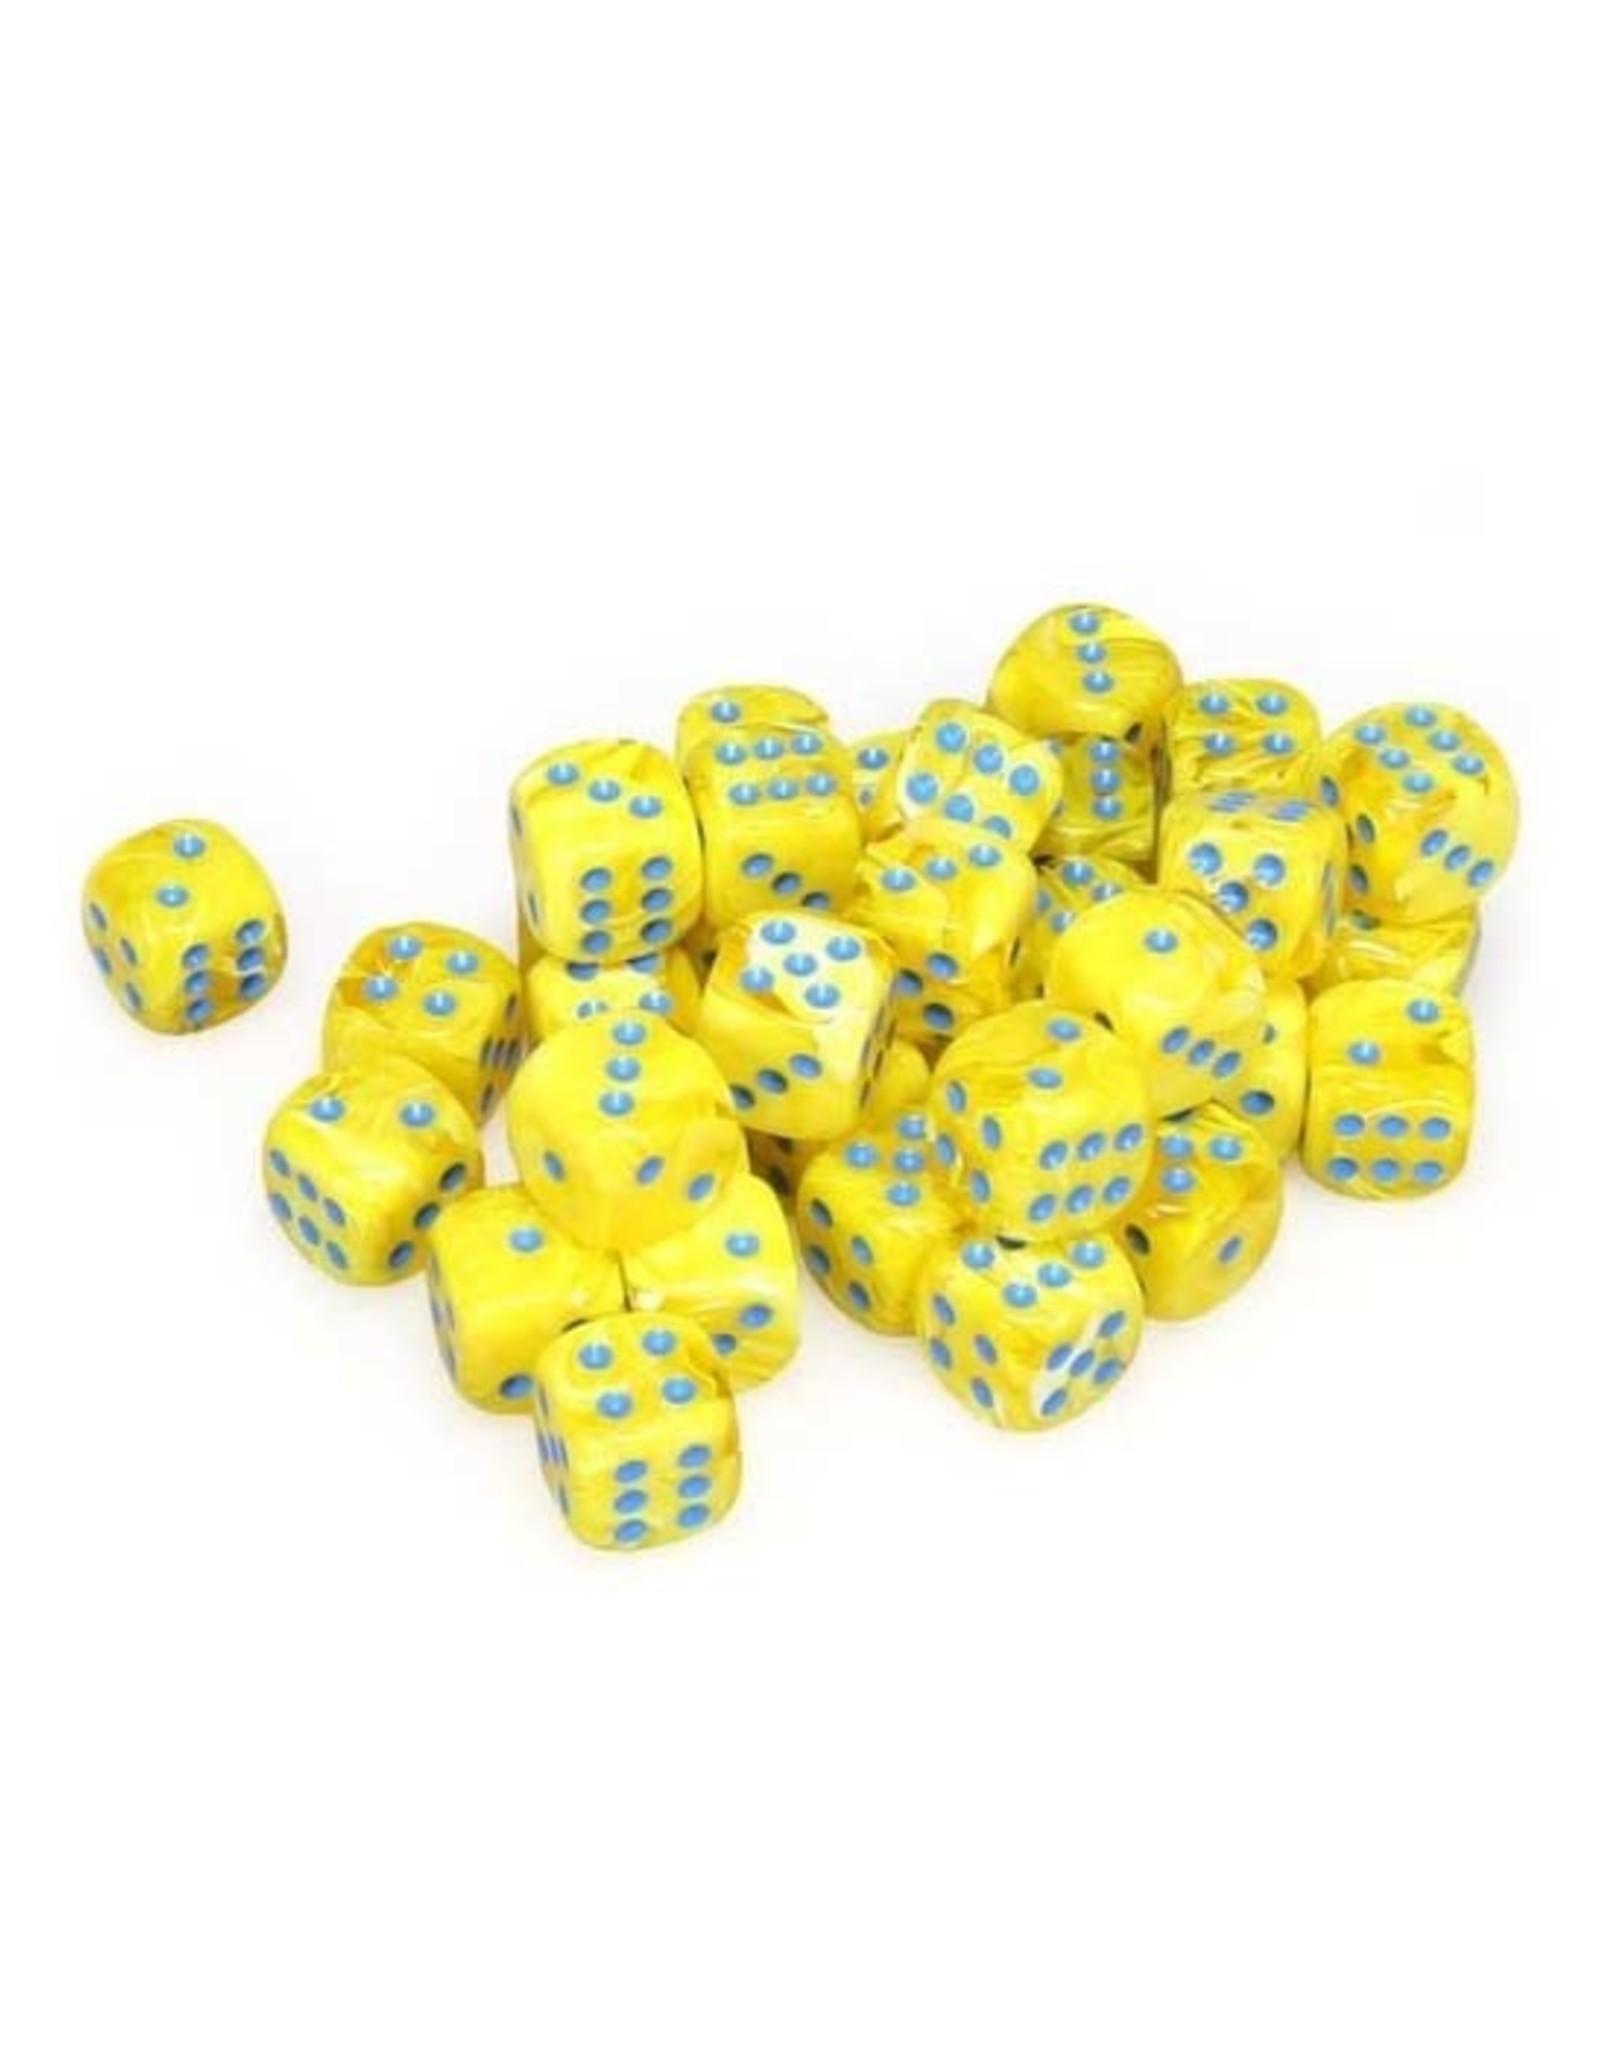 Chessex Chessex: 12mm d6 - Vortex - Yellow w/ Blue